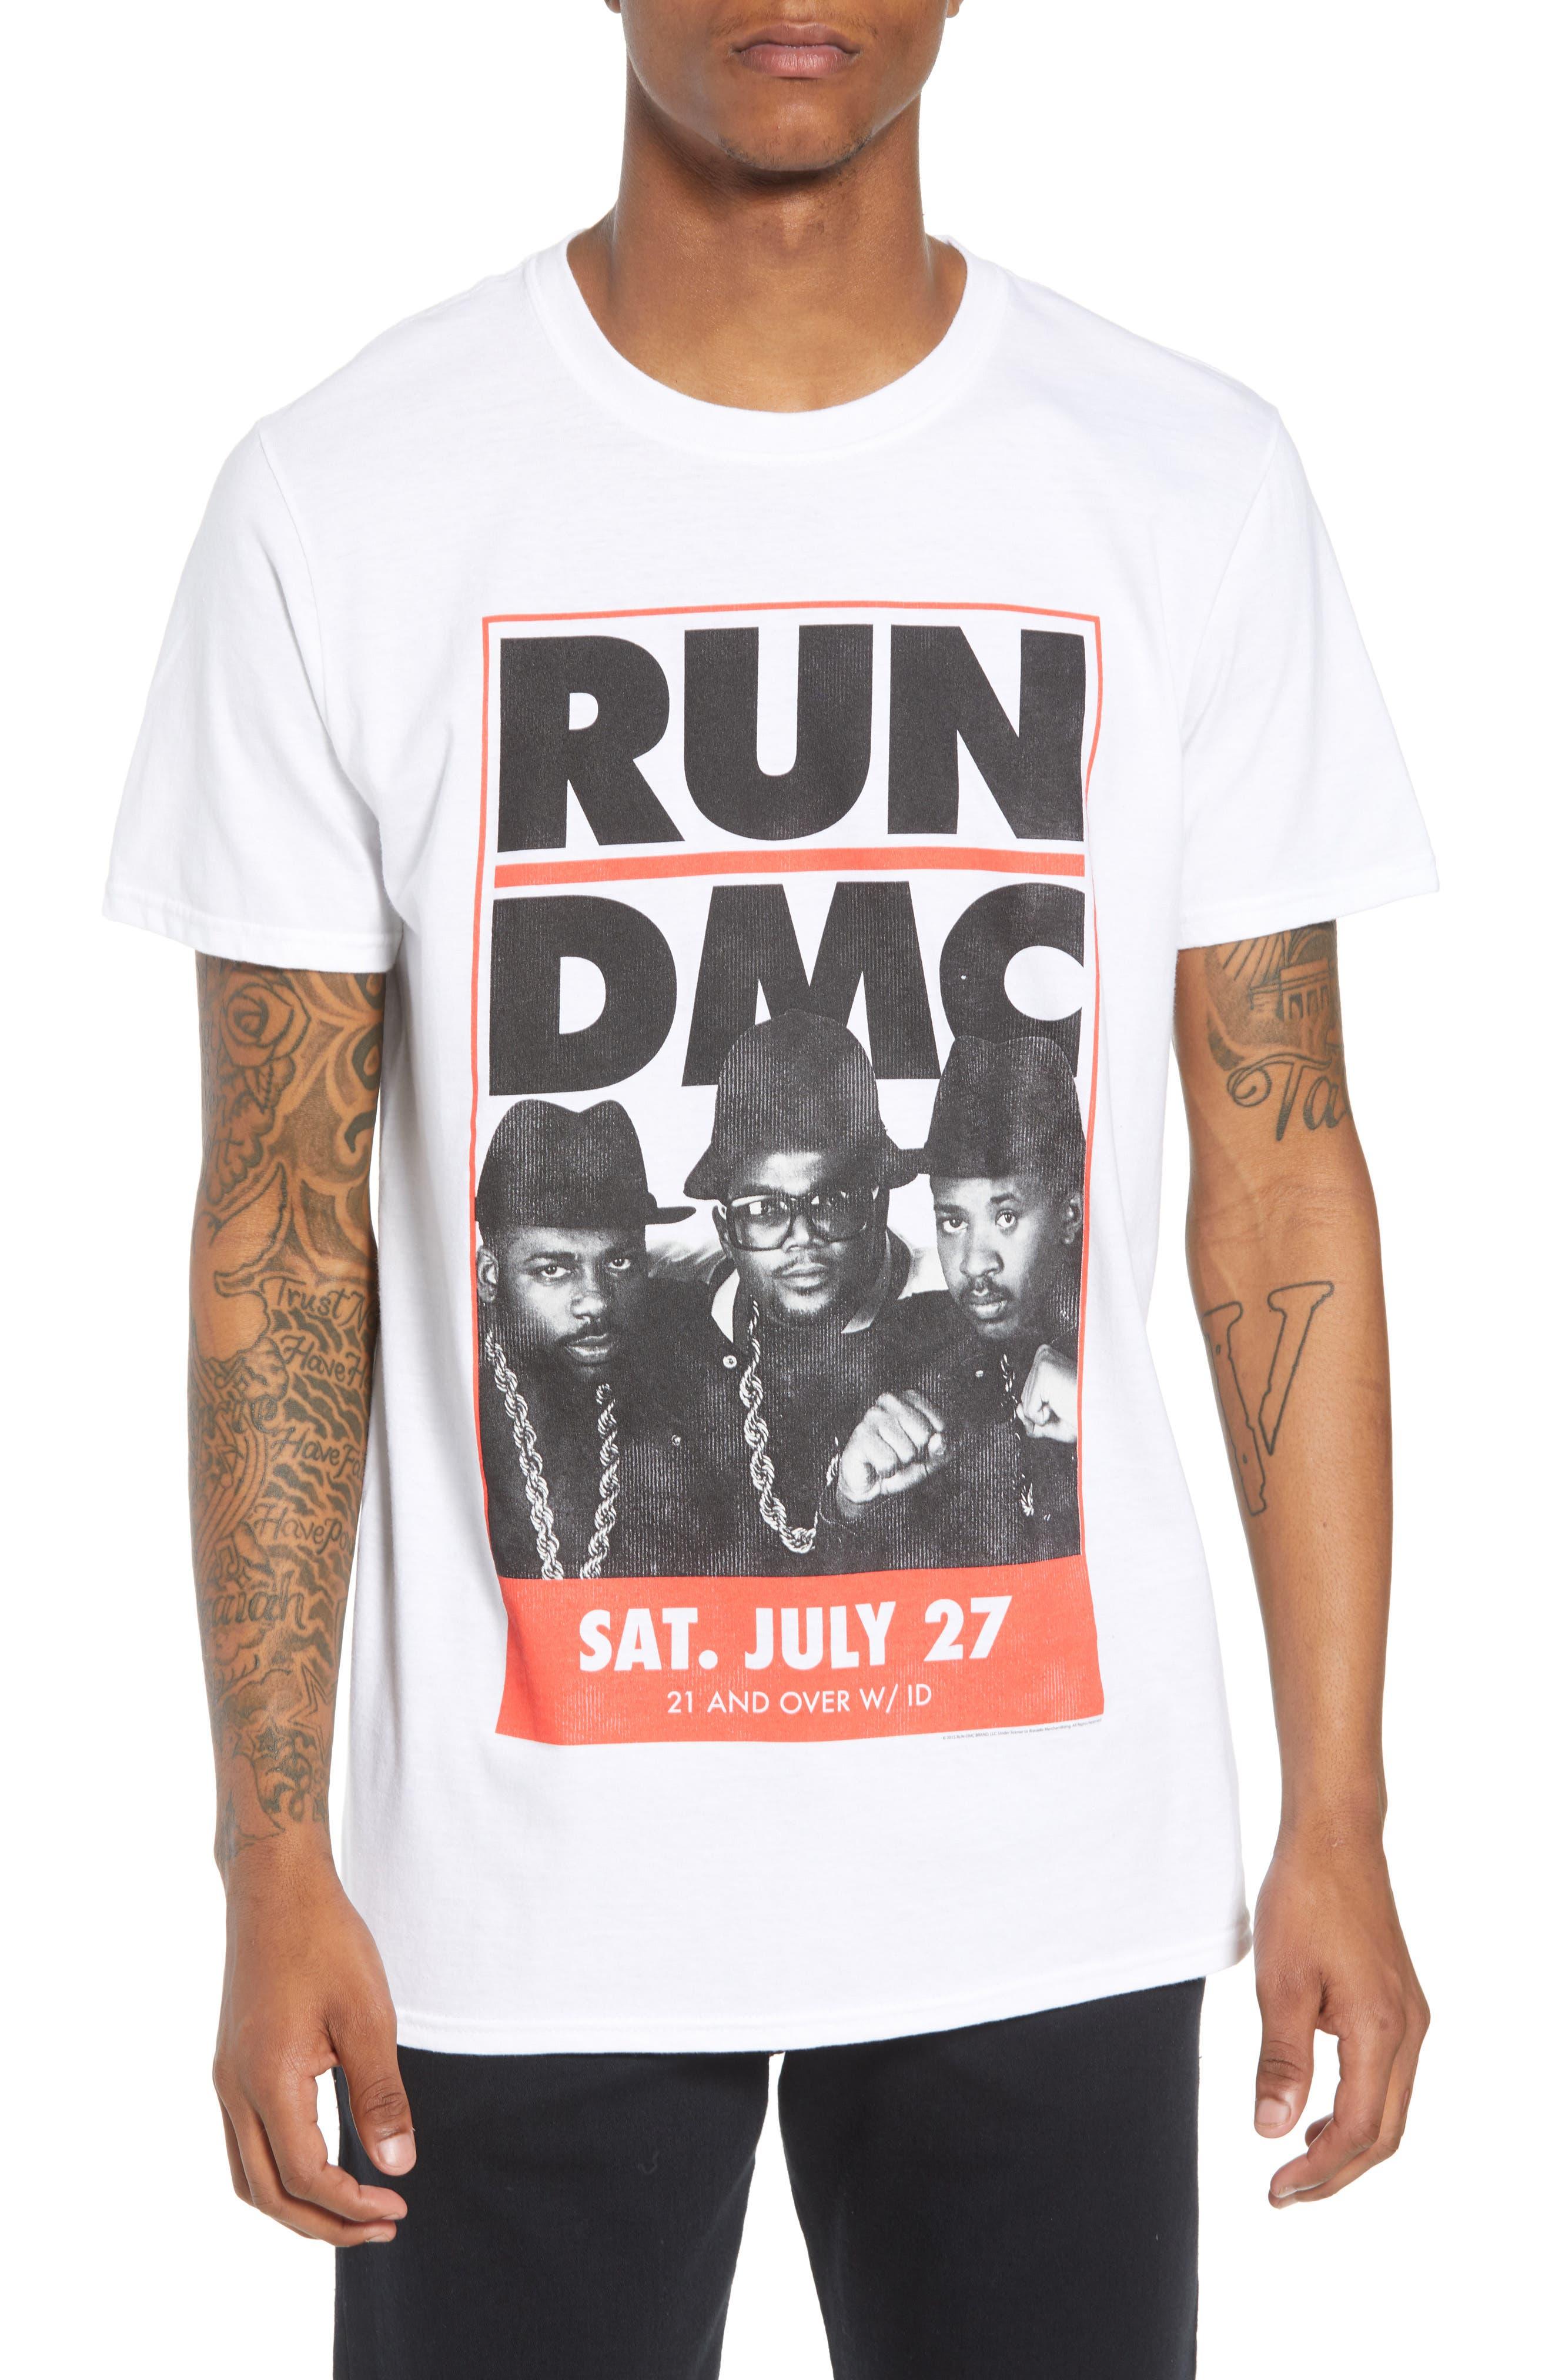 Run-DMC T-Shirt,                             Main thumbnail 1, color,                             White Tee Run Dmc